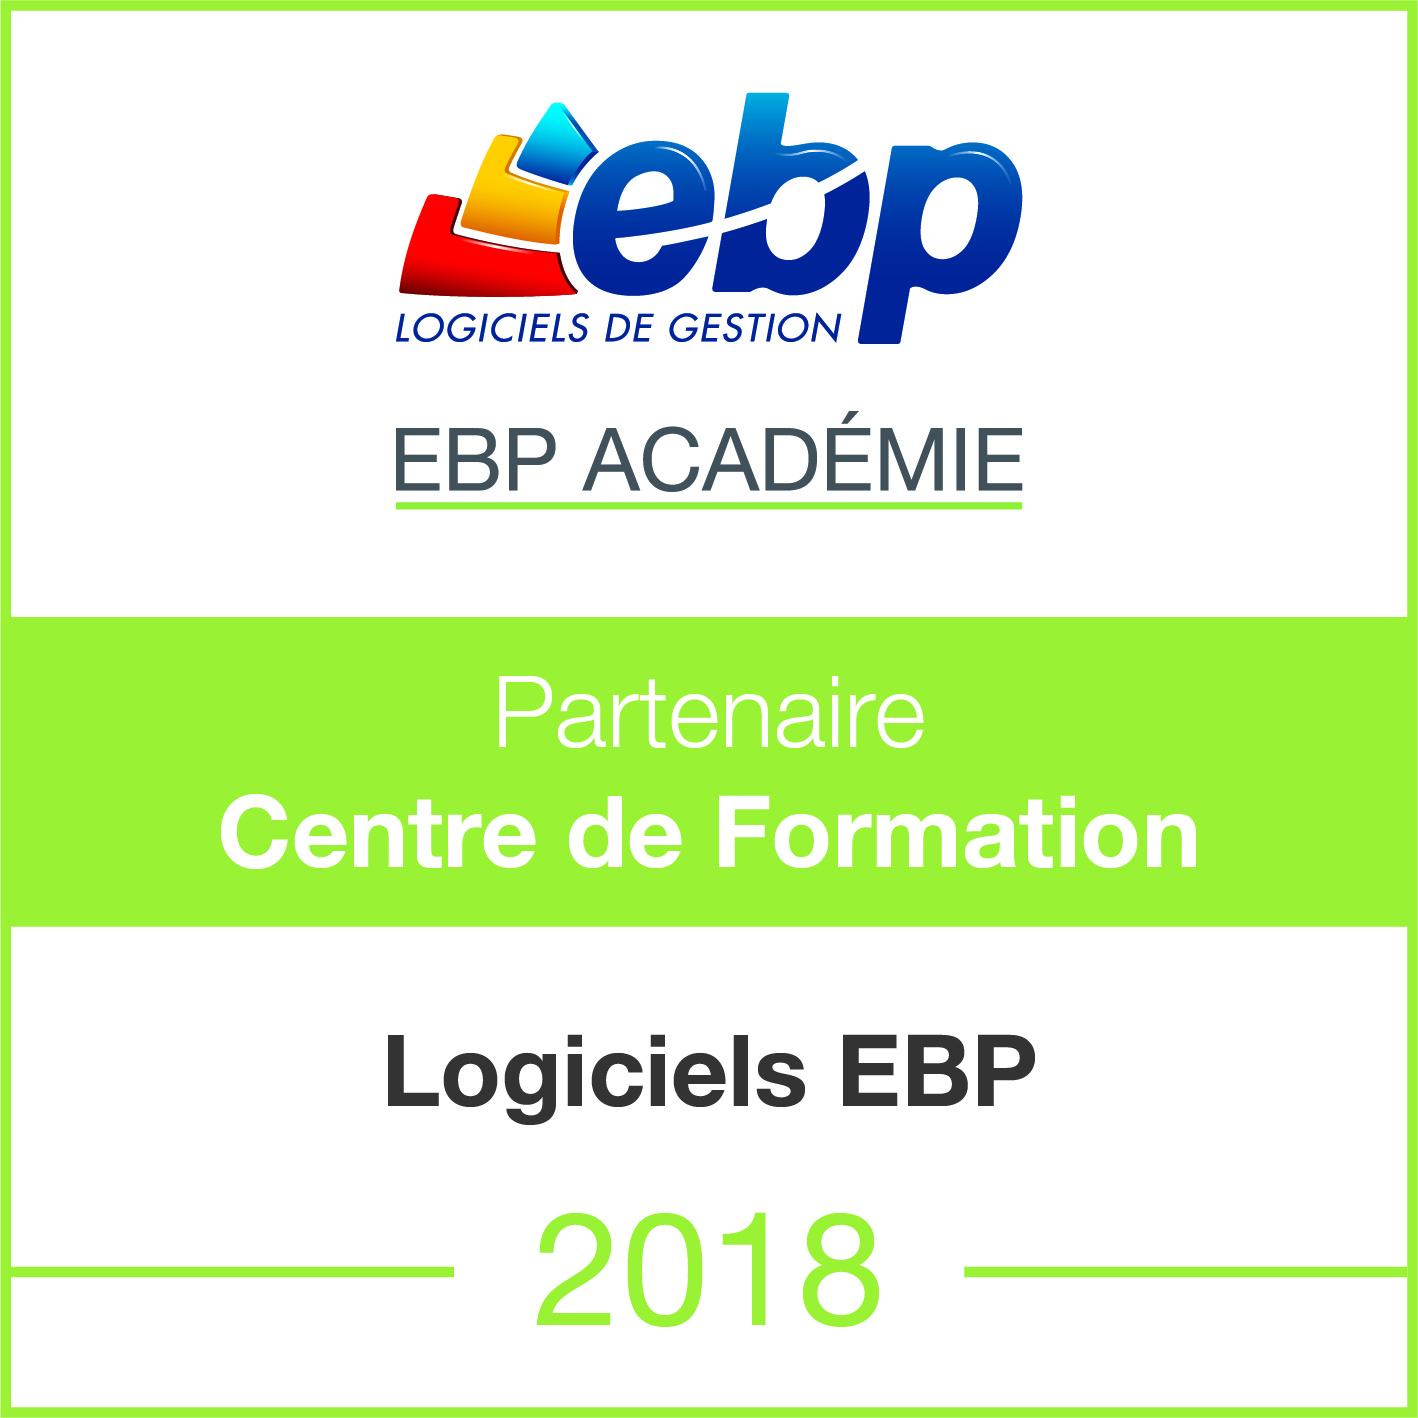 Partenaire agréé EBP - Centre de Formation